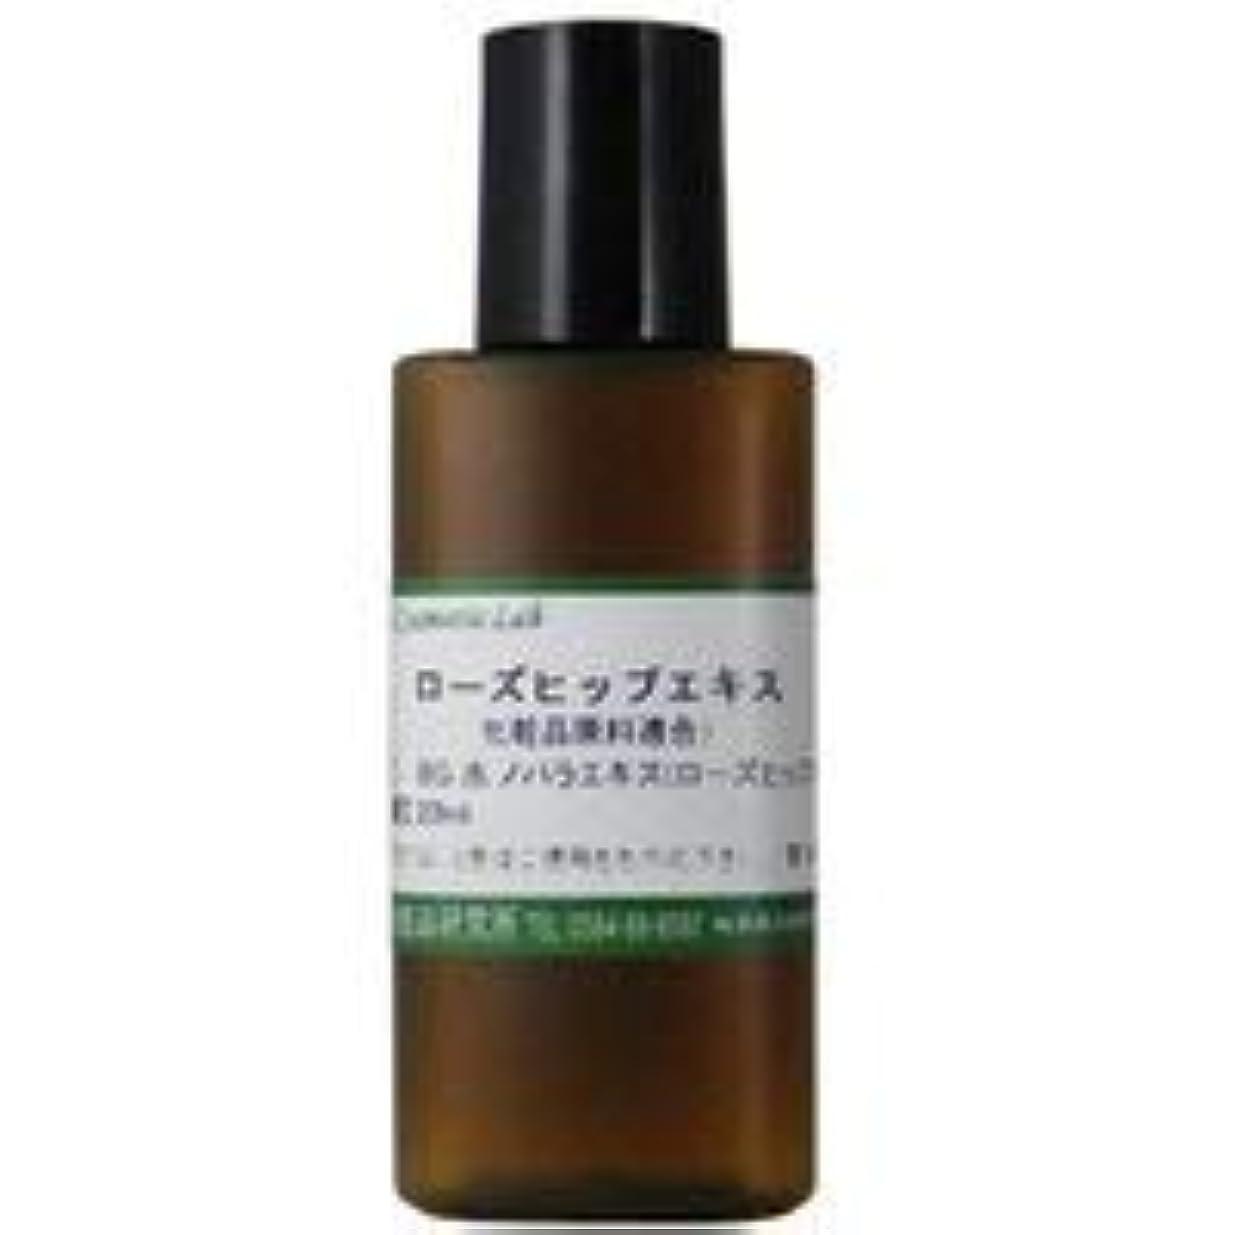 バドミントンナット洗うローズヒップエキス 20ml 【手作り化粧品原料】